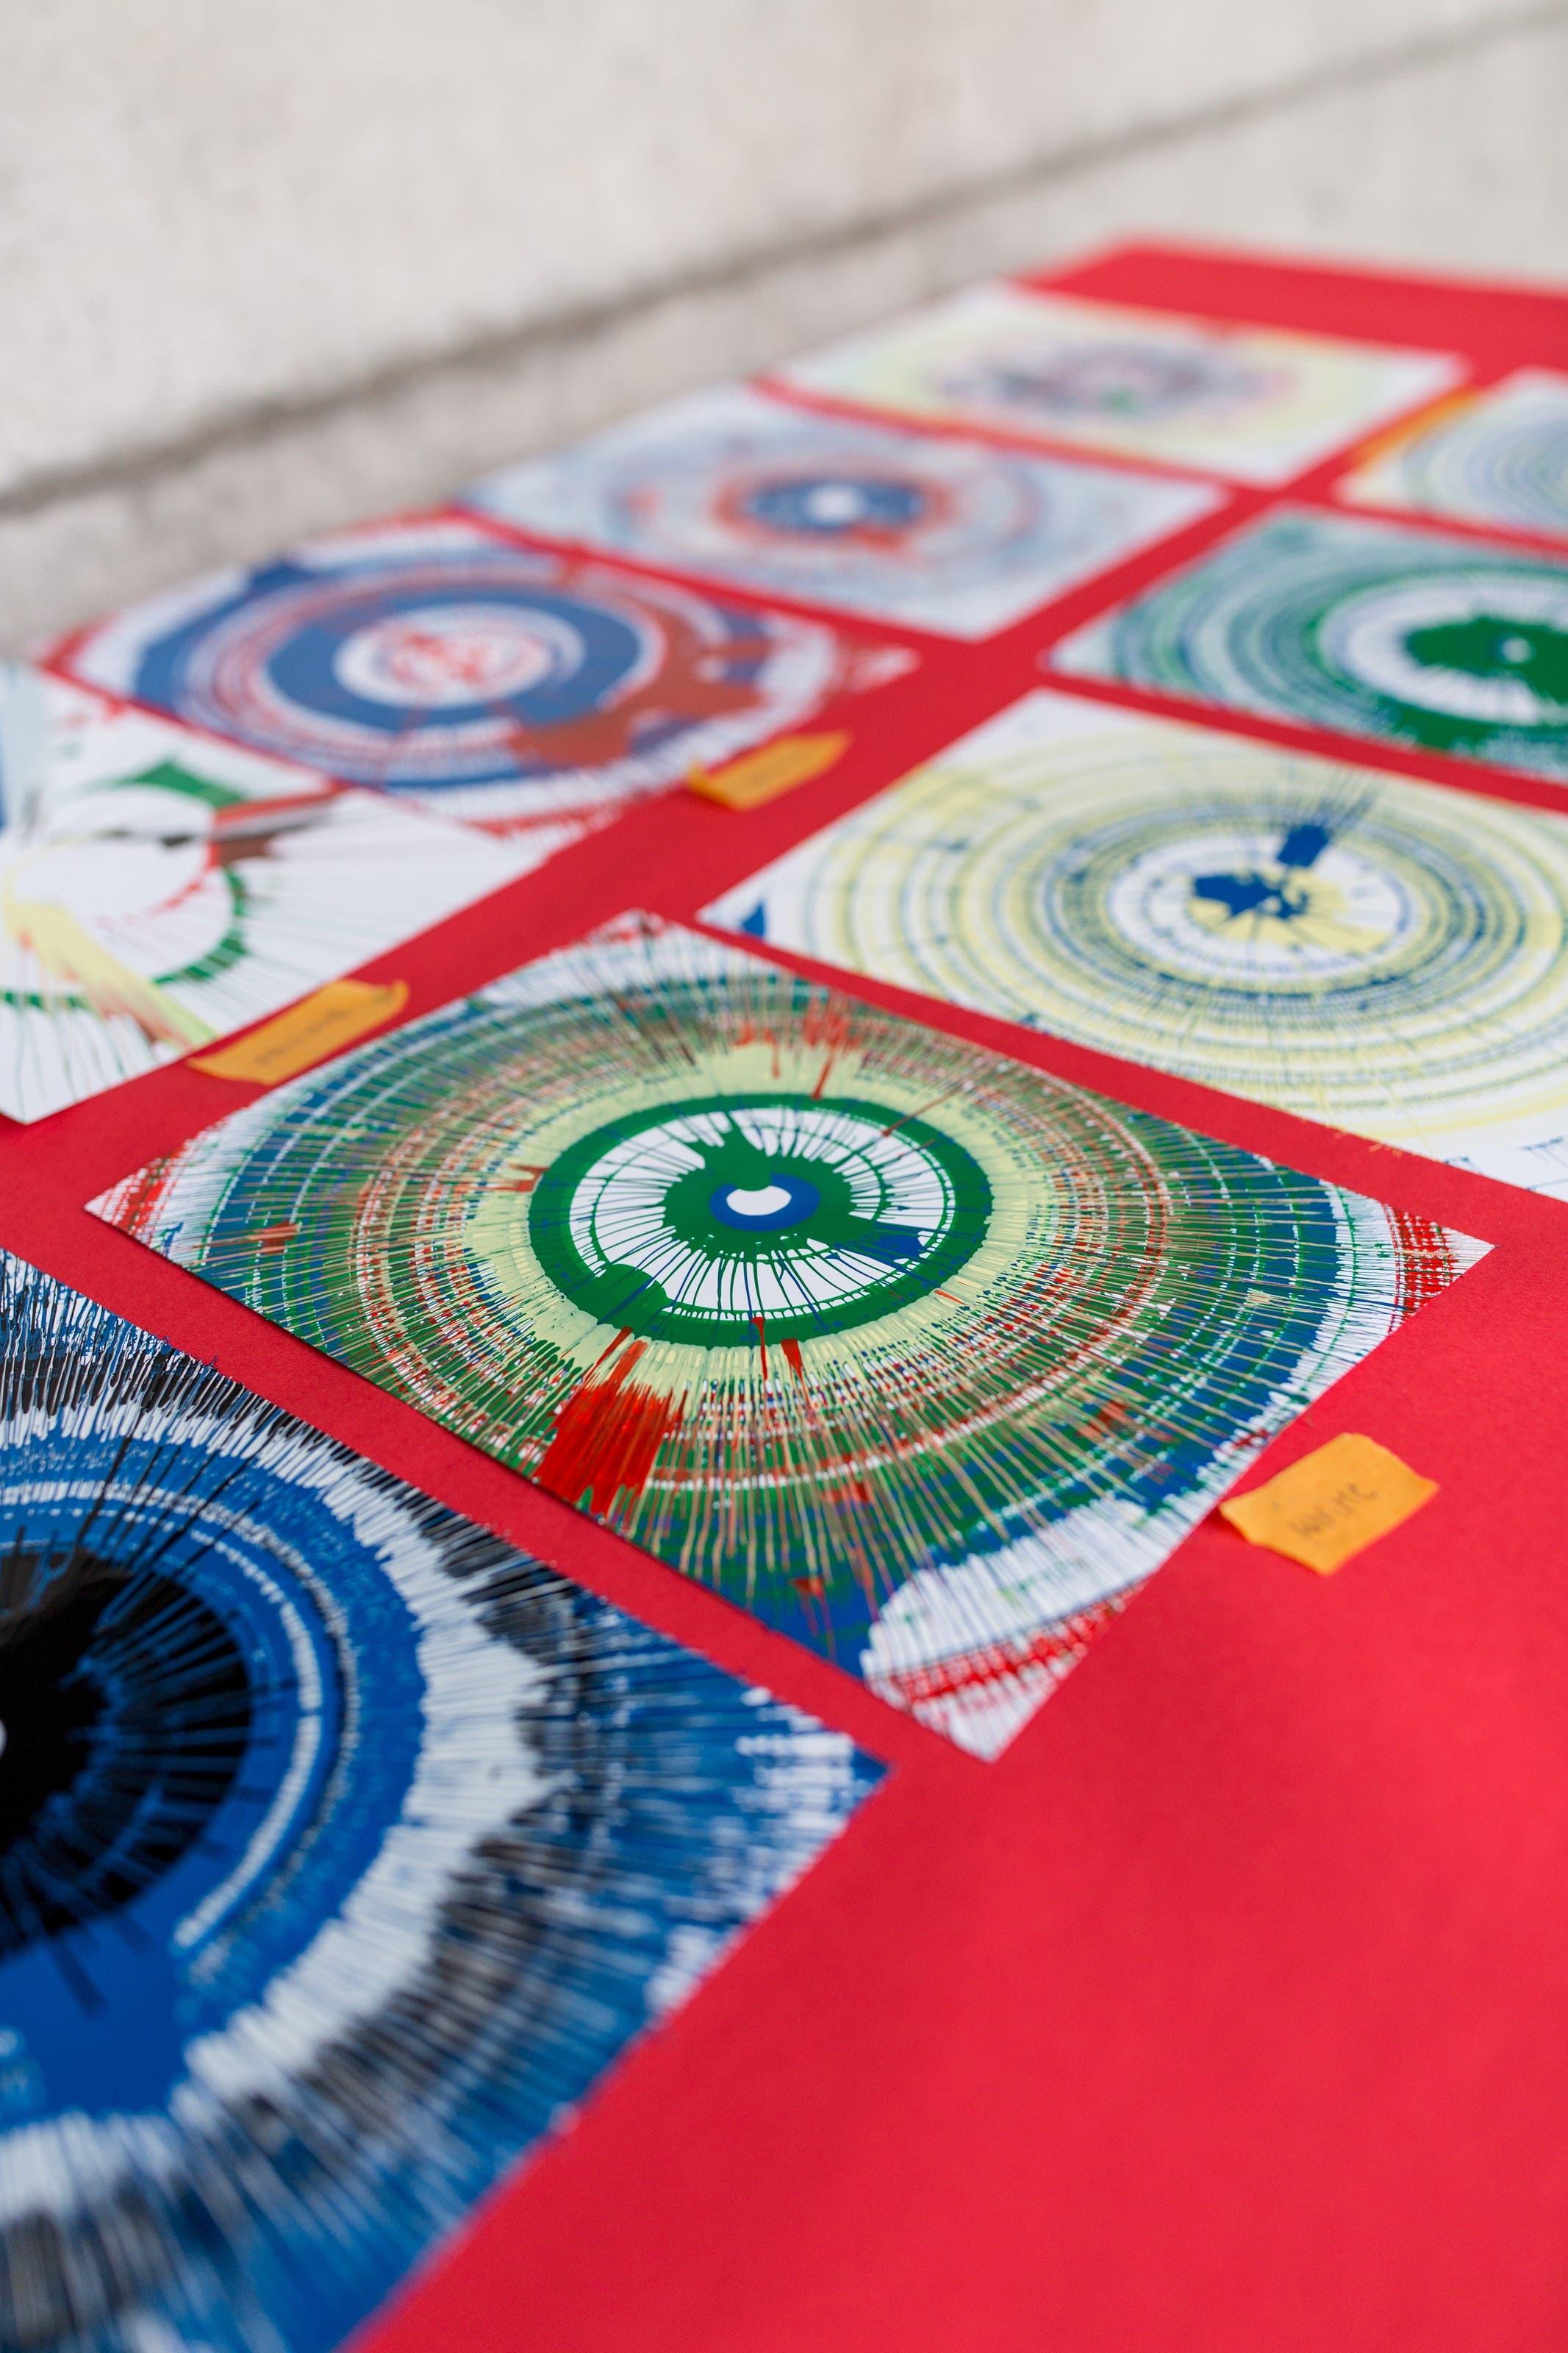 Für die jungen Besucher bietet die Gewerbeausstellung viele Möglichkeiten, beispielsweise ein Spiel mit Farben.